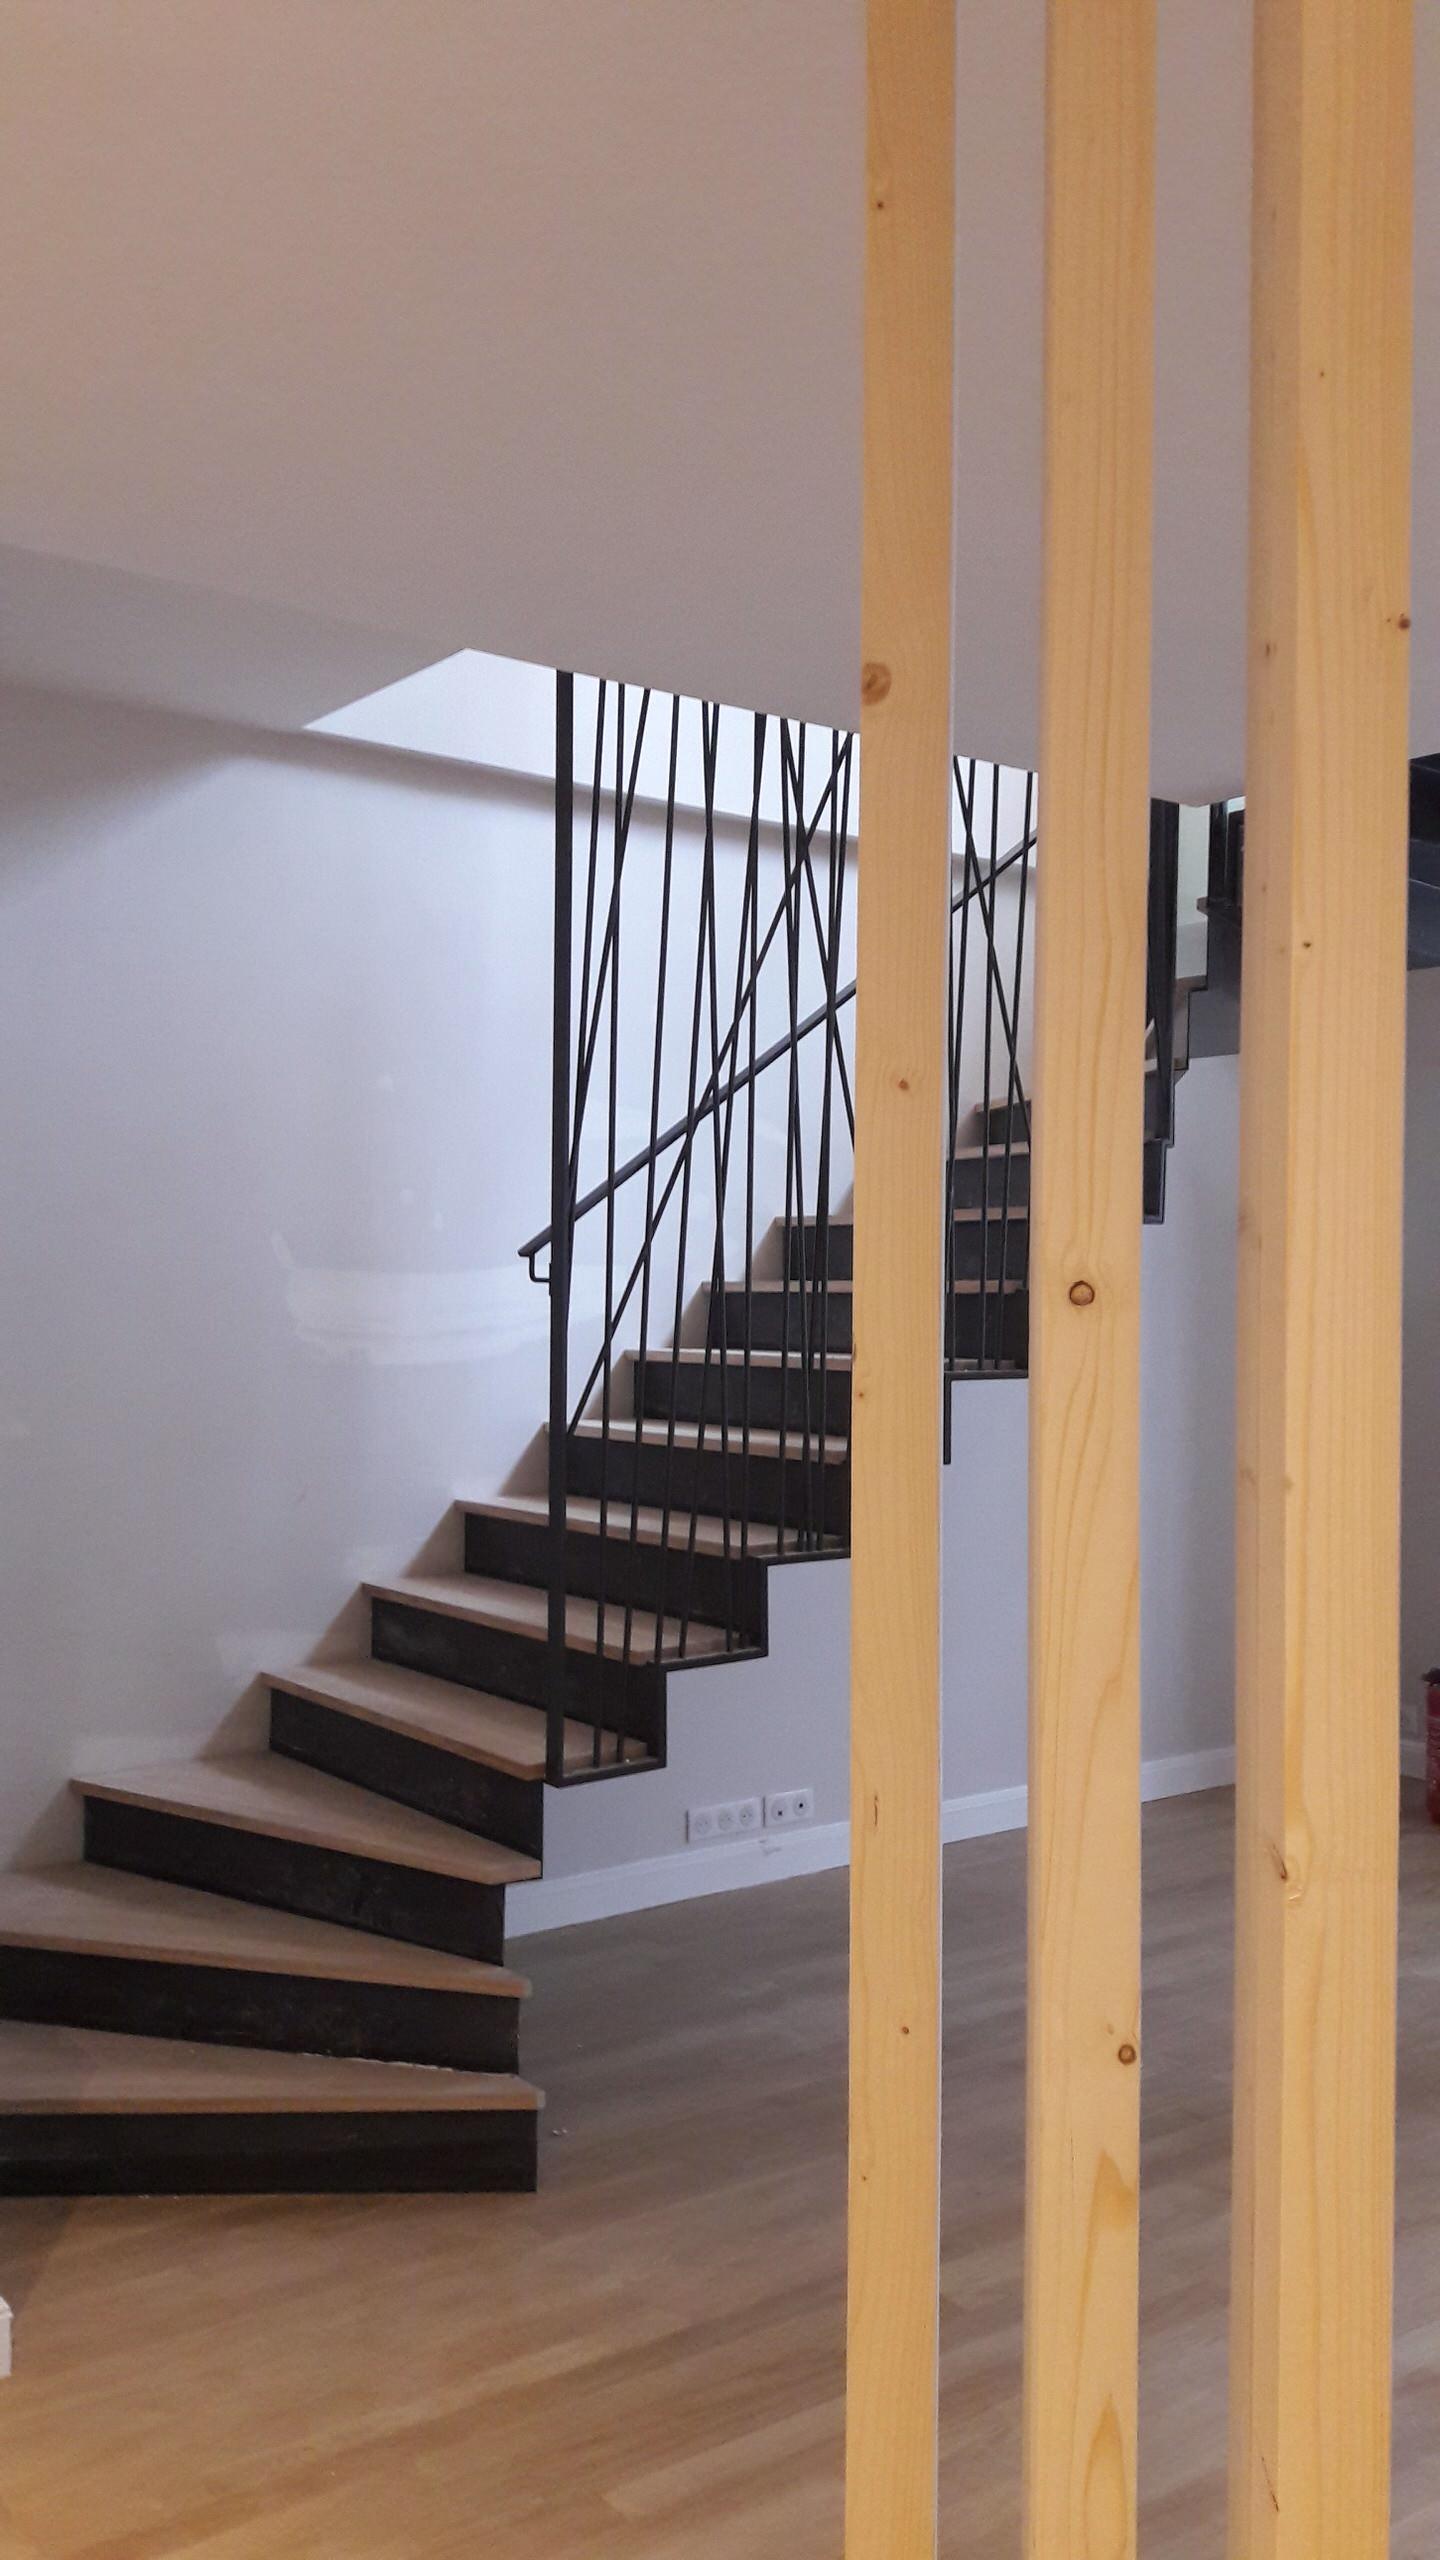 nouvel escalier / accès à la surélévation